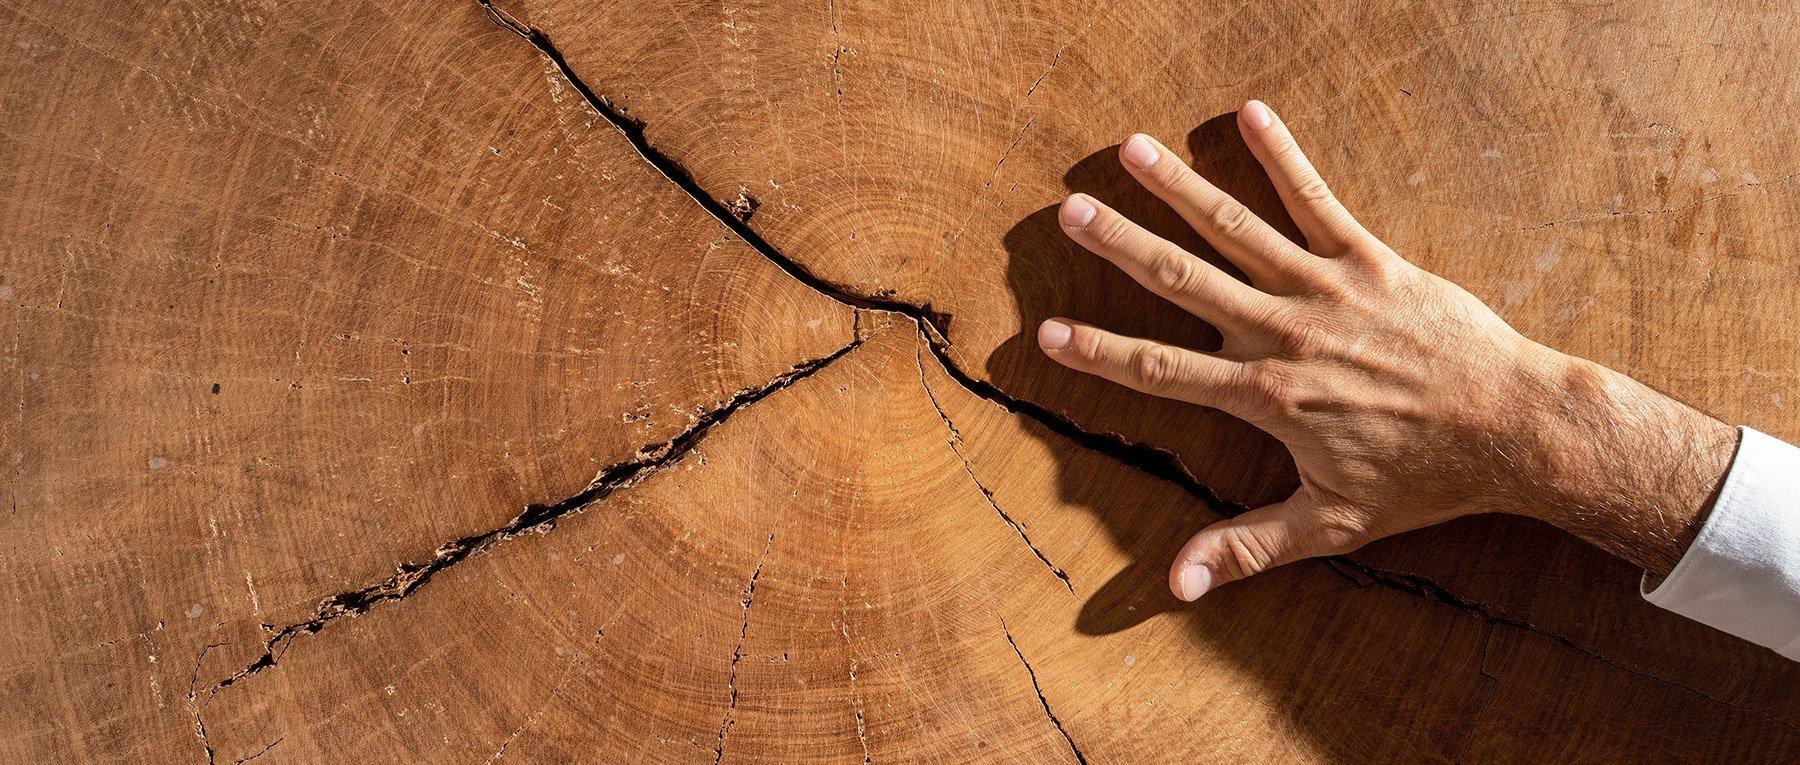 Legnami Paganoni - Legname per edilizia, falegnamerie e arredo